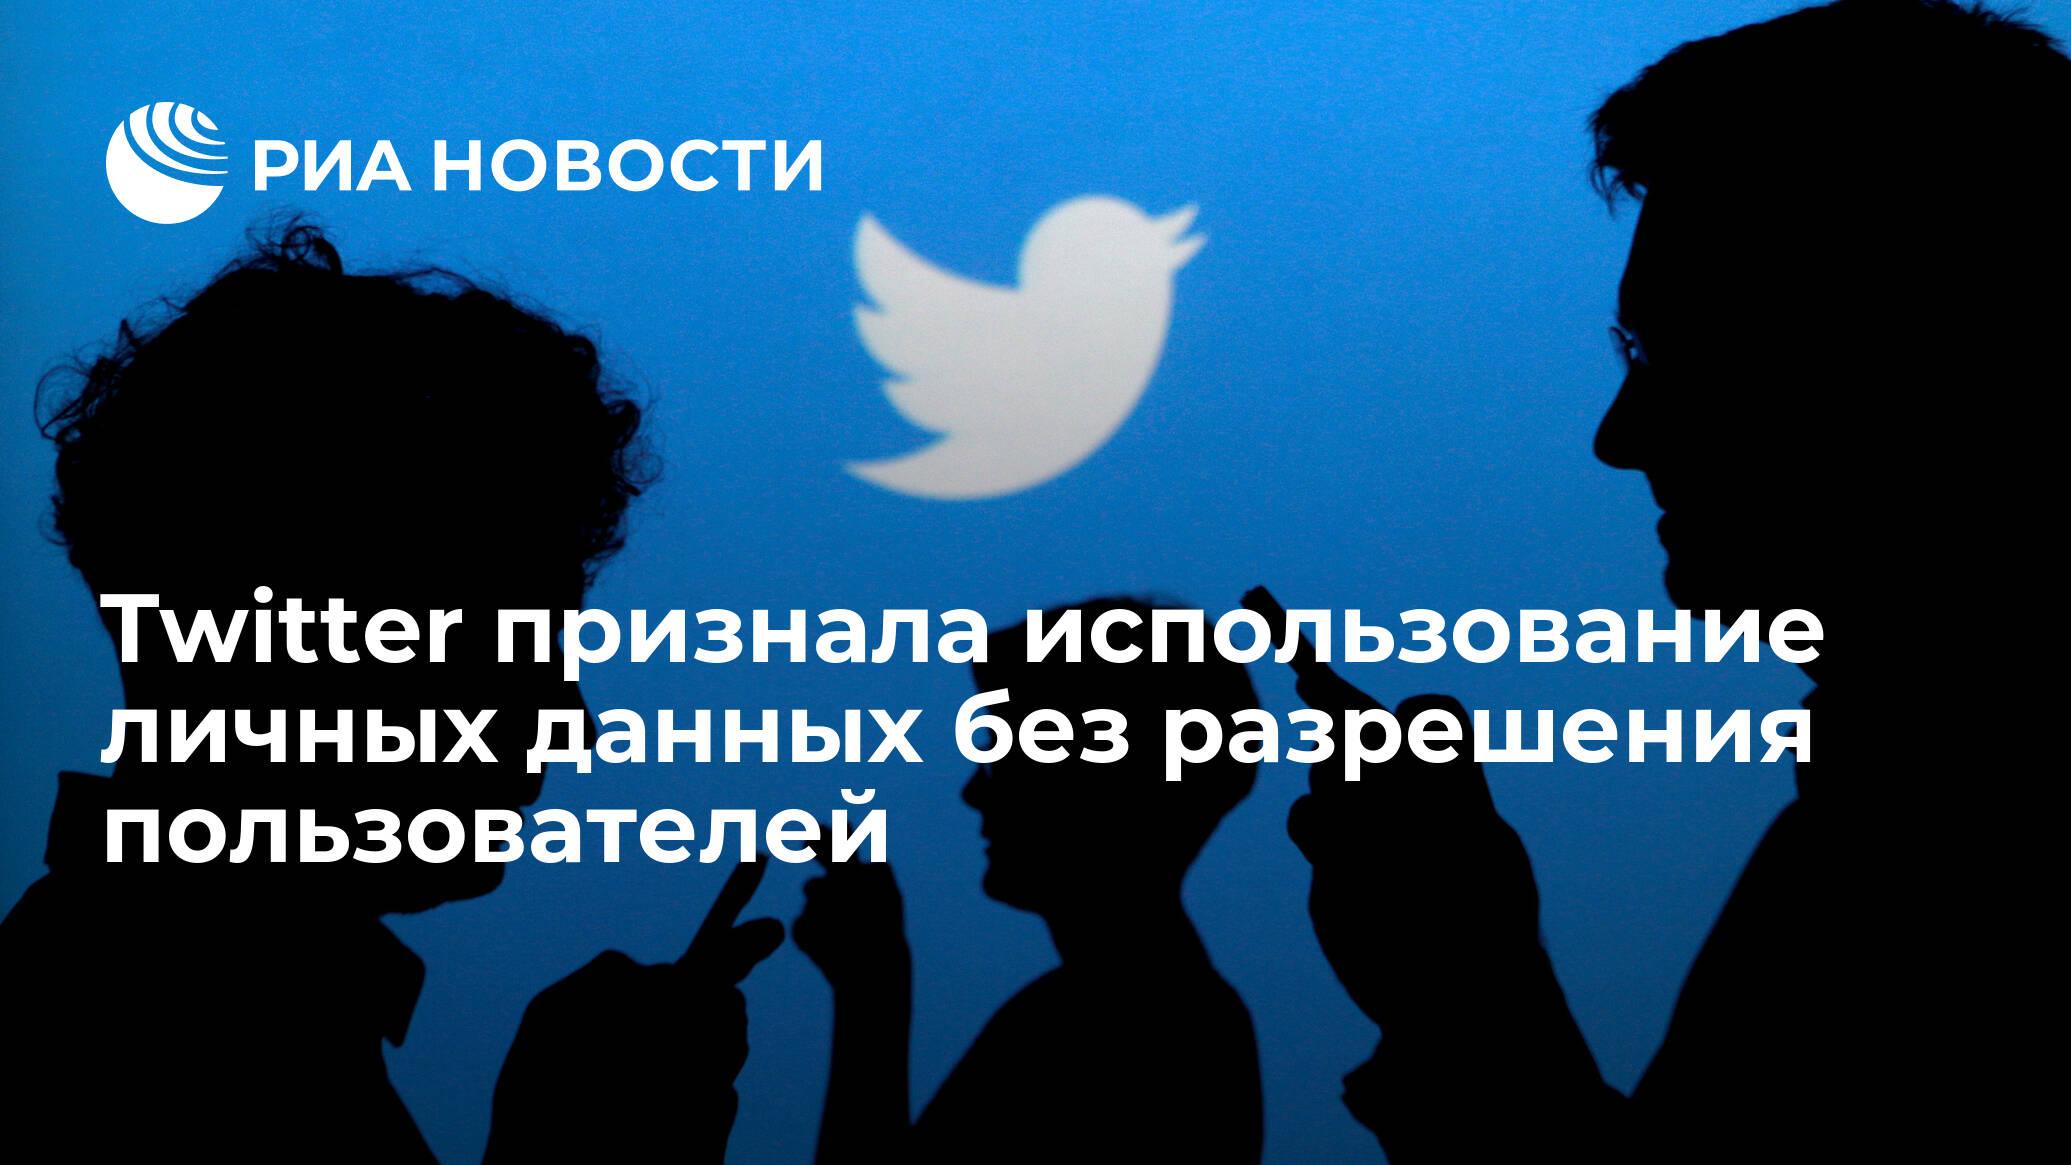 https://clck.ru/HUoQr